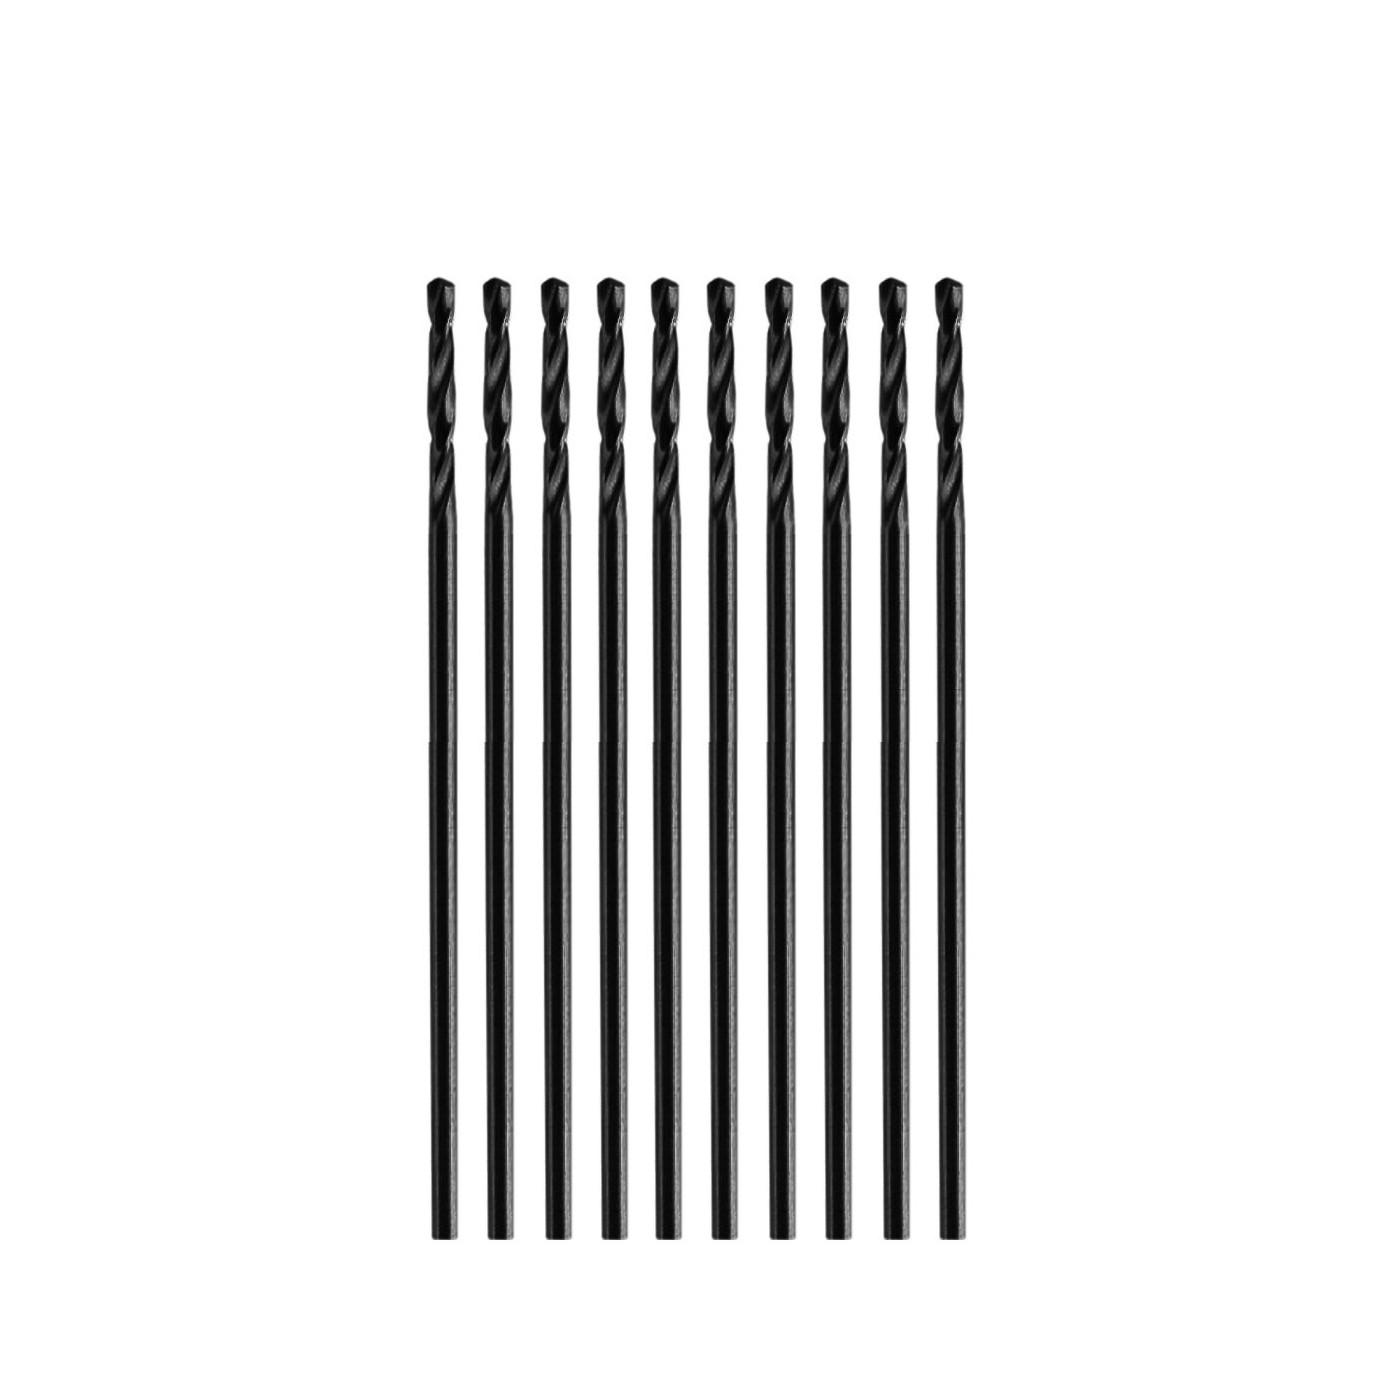 Set of 10 small metal drill bits (1.6x43 mm, HSS)